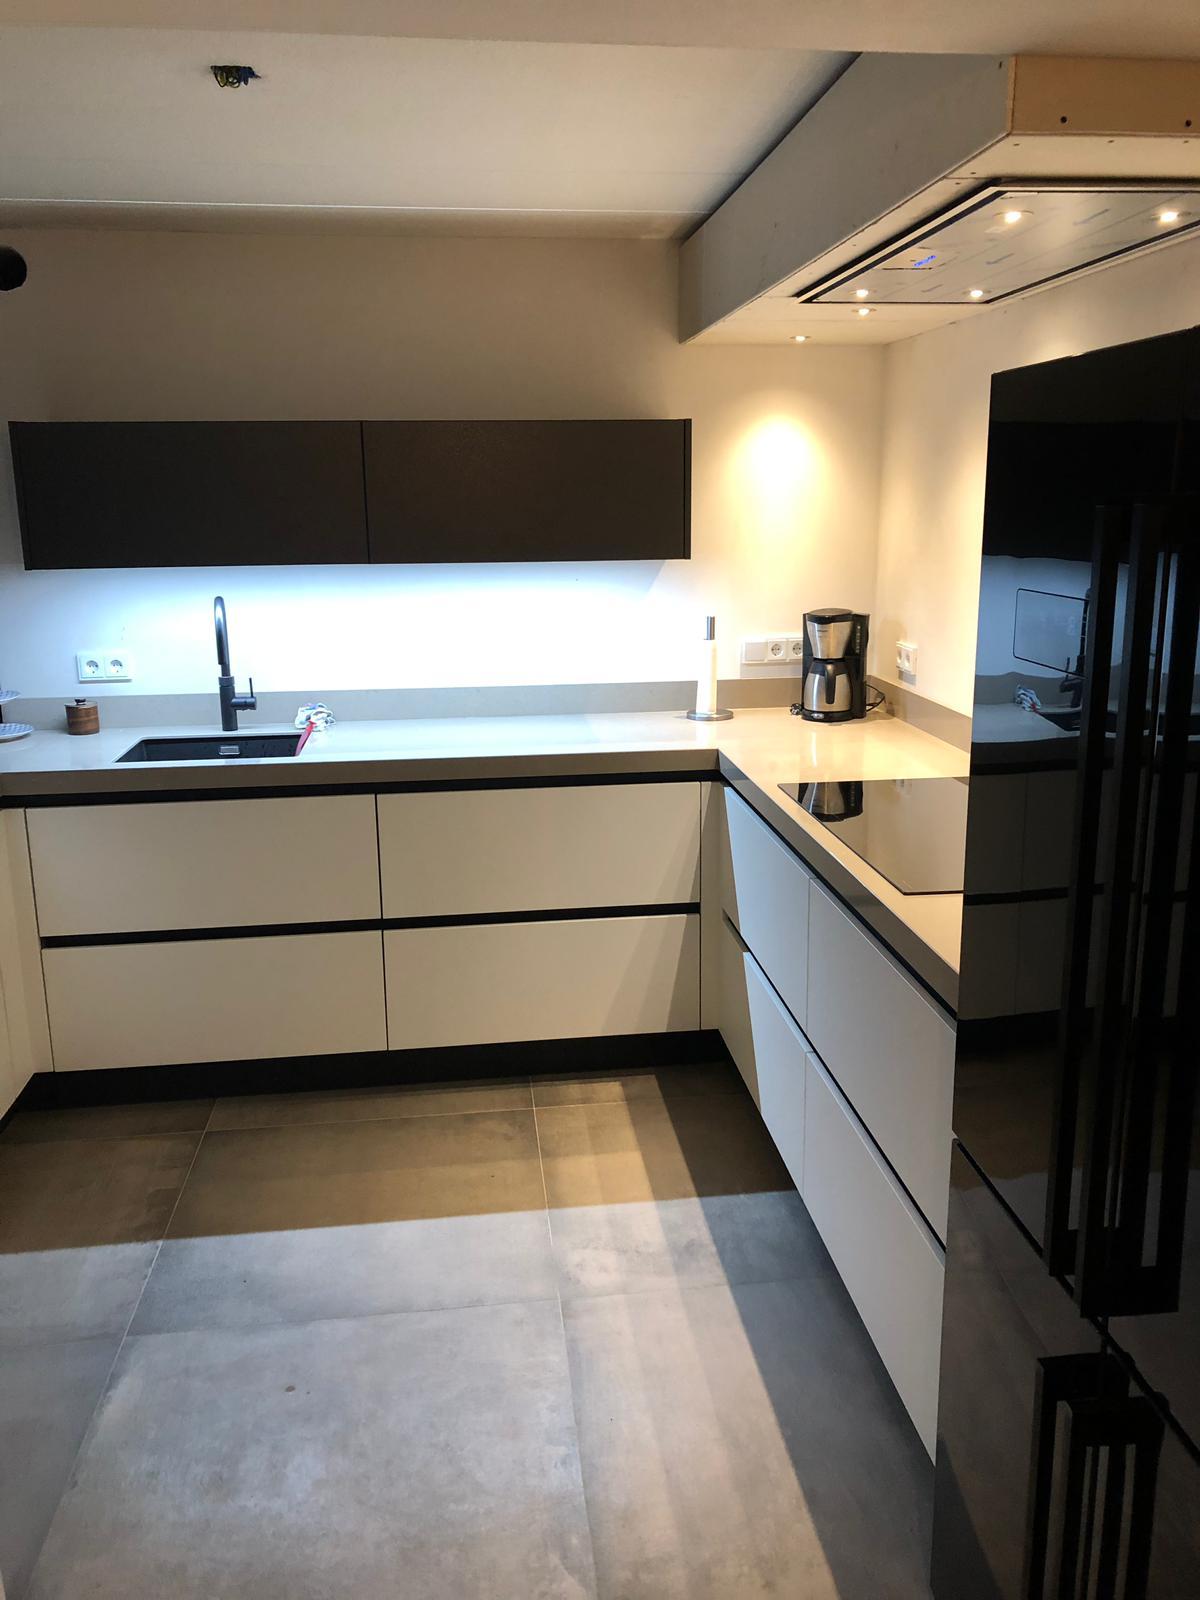 Moderne Greeploze Keuken Met Losstaande Amerikaanse Koelkast Ommen De Lange Keukens